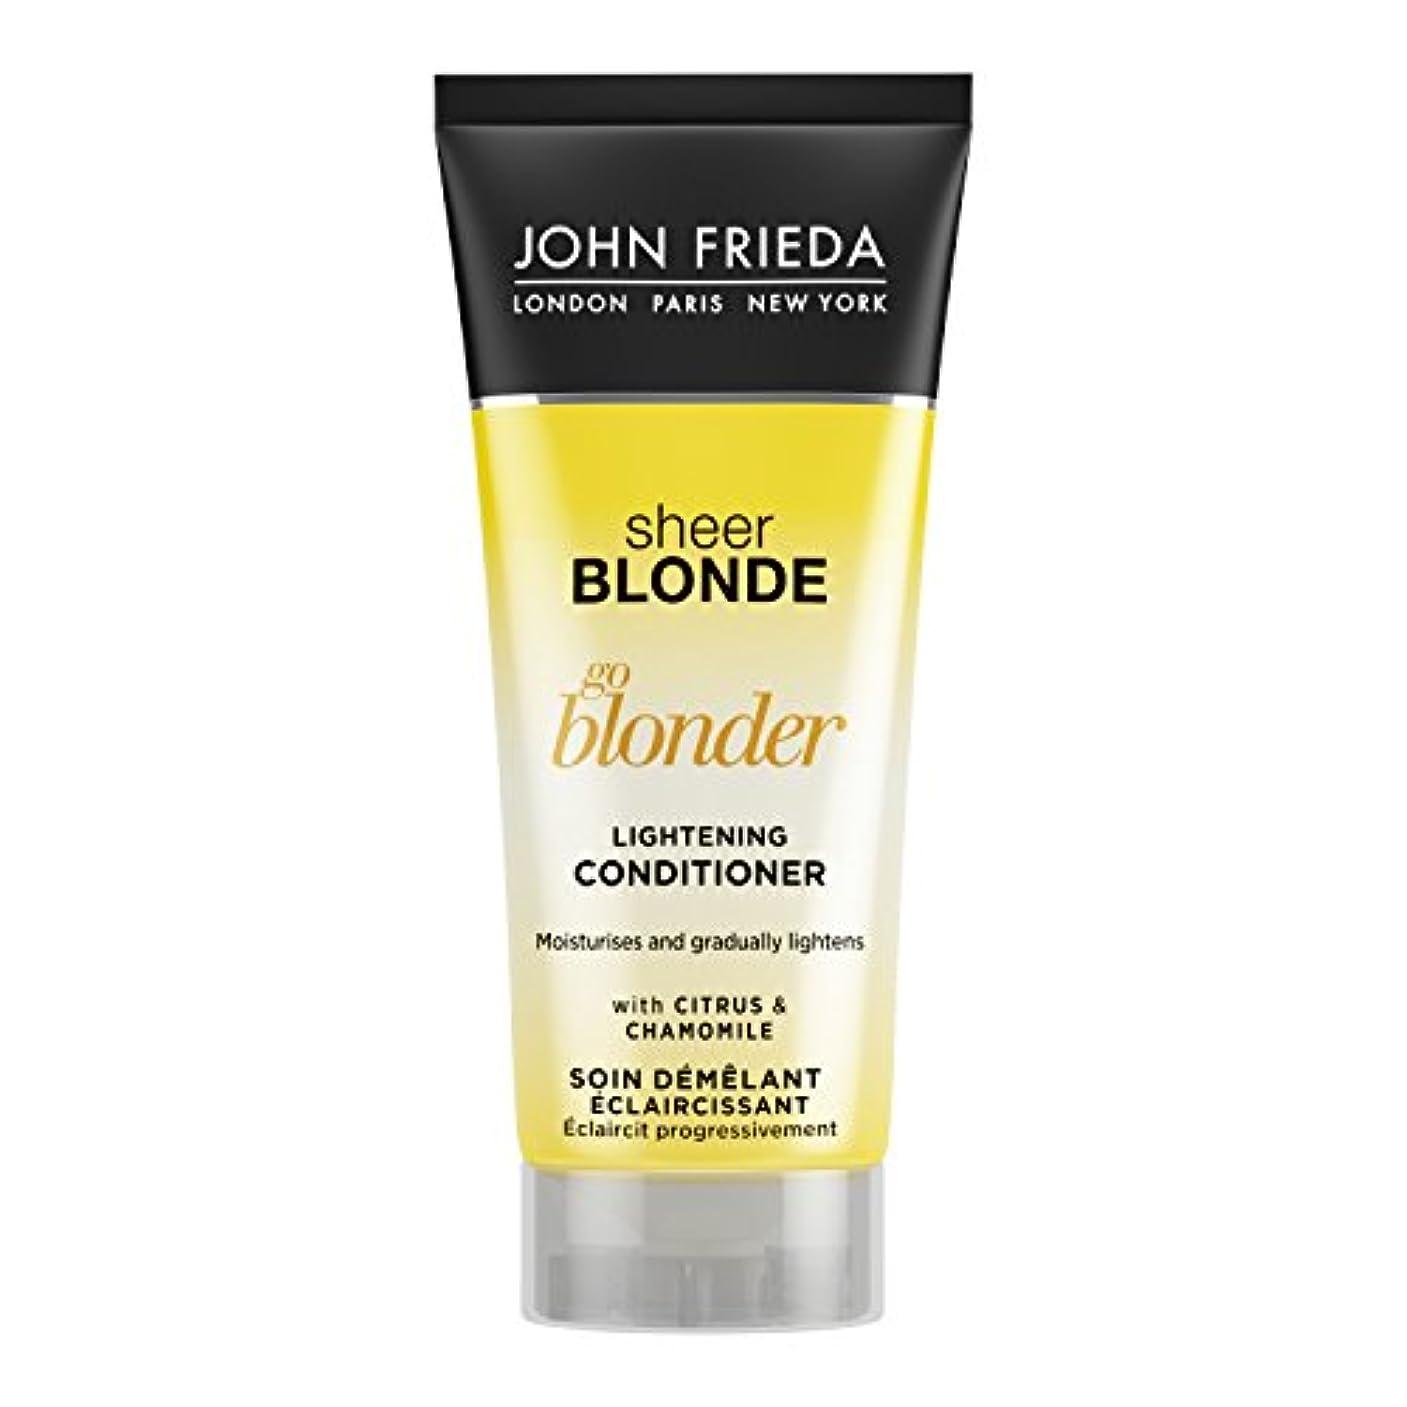 プーノ緯度未就学John Frieda Sheer Blonde Go Blonder Lightening Conditioner Travel Size 50ml